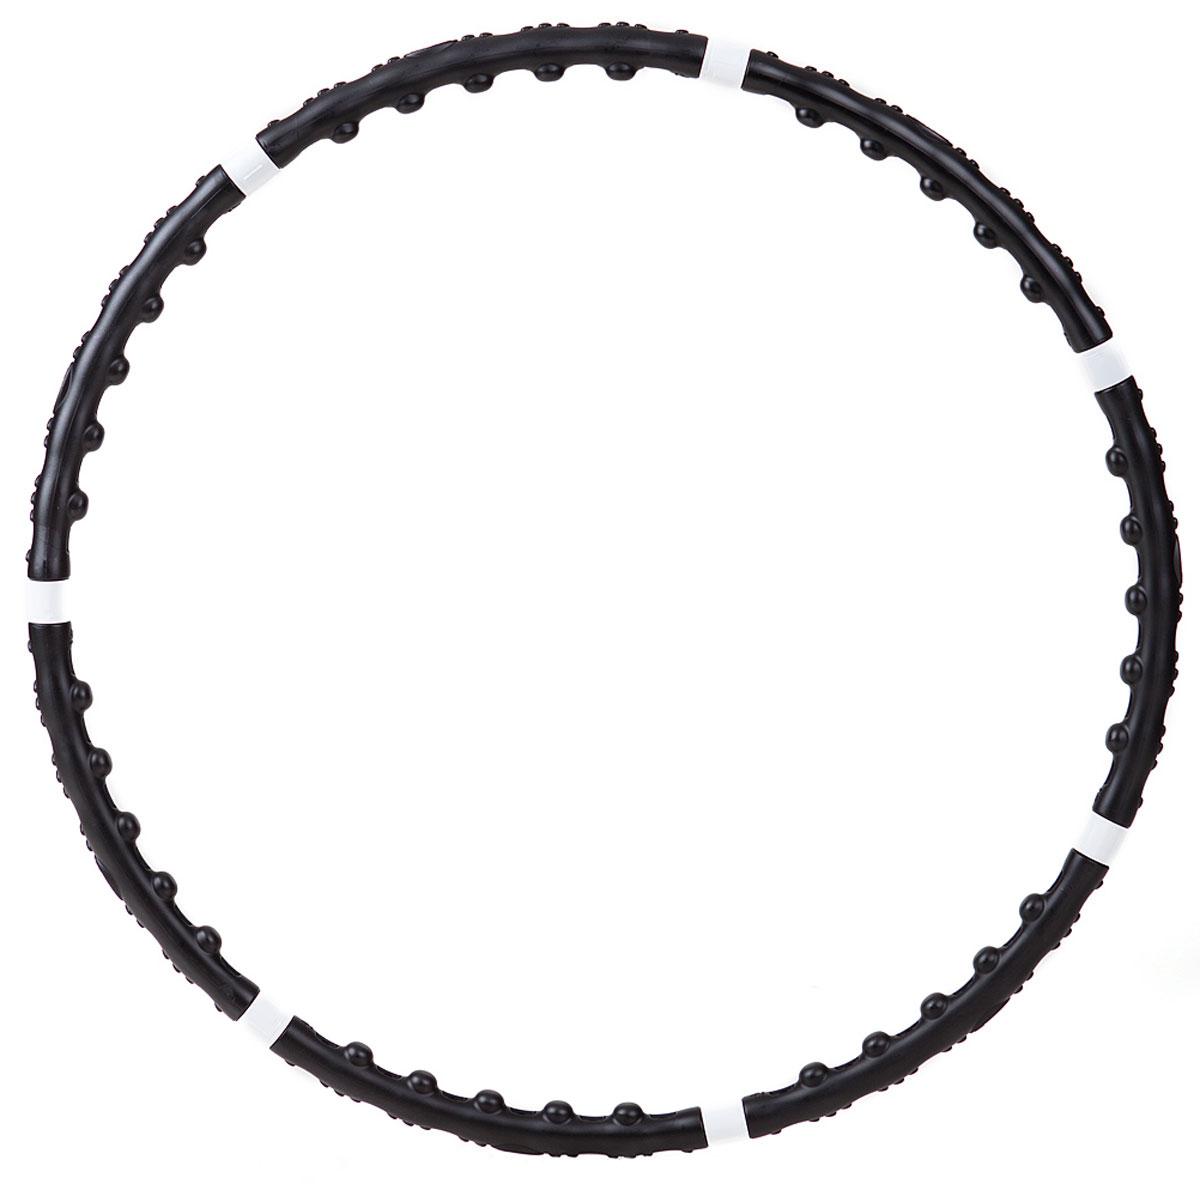 Обруч Bradex, утяжеленный, массажный, с магнитными вставкамиSF 0002Массажный утяжеленный обруч Bradex отлично подтянет живот, улучшит талию и поможет похудеть. Обруч оснащен магнитами. Благодаря такому устройству, происходит сочетание элементов обычного хула-хупа с техникой аккупунктурного массажа. Магниты, идущие в комплекте с обручем, оказывают противовоспалительный, седативный, болеутоляющий эффект. Вы не только улучшите контуры фигуры за счет сжигания подкожного жира в области талии и живота, но и обретете хорошее самочувствие. Обруч состоит из 7 секций и является разборным, что облегчает его транспортировку.